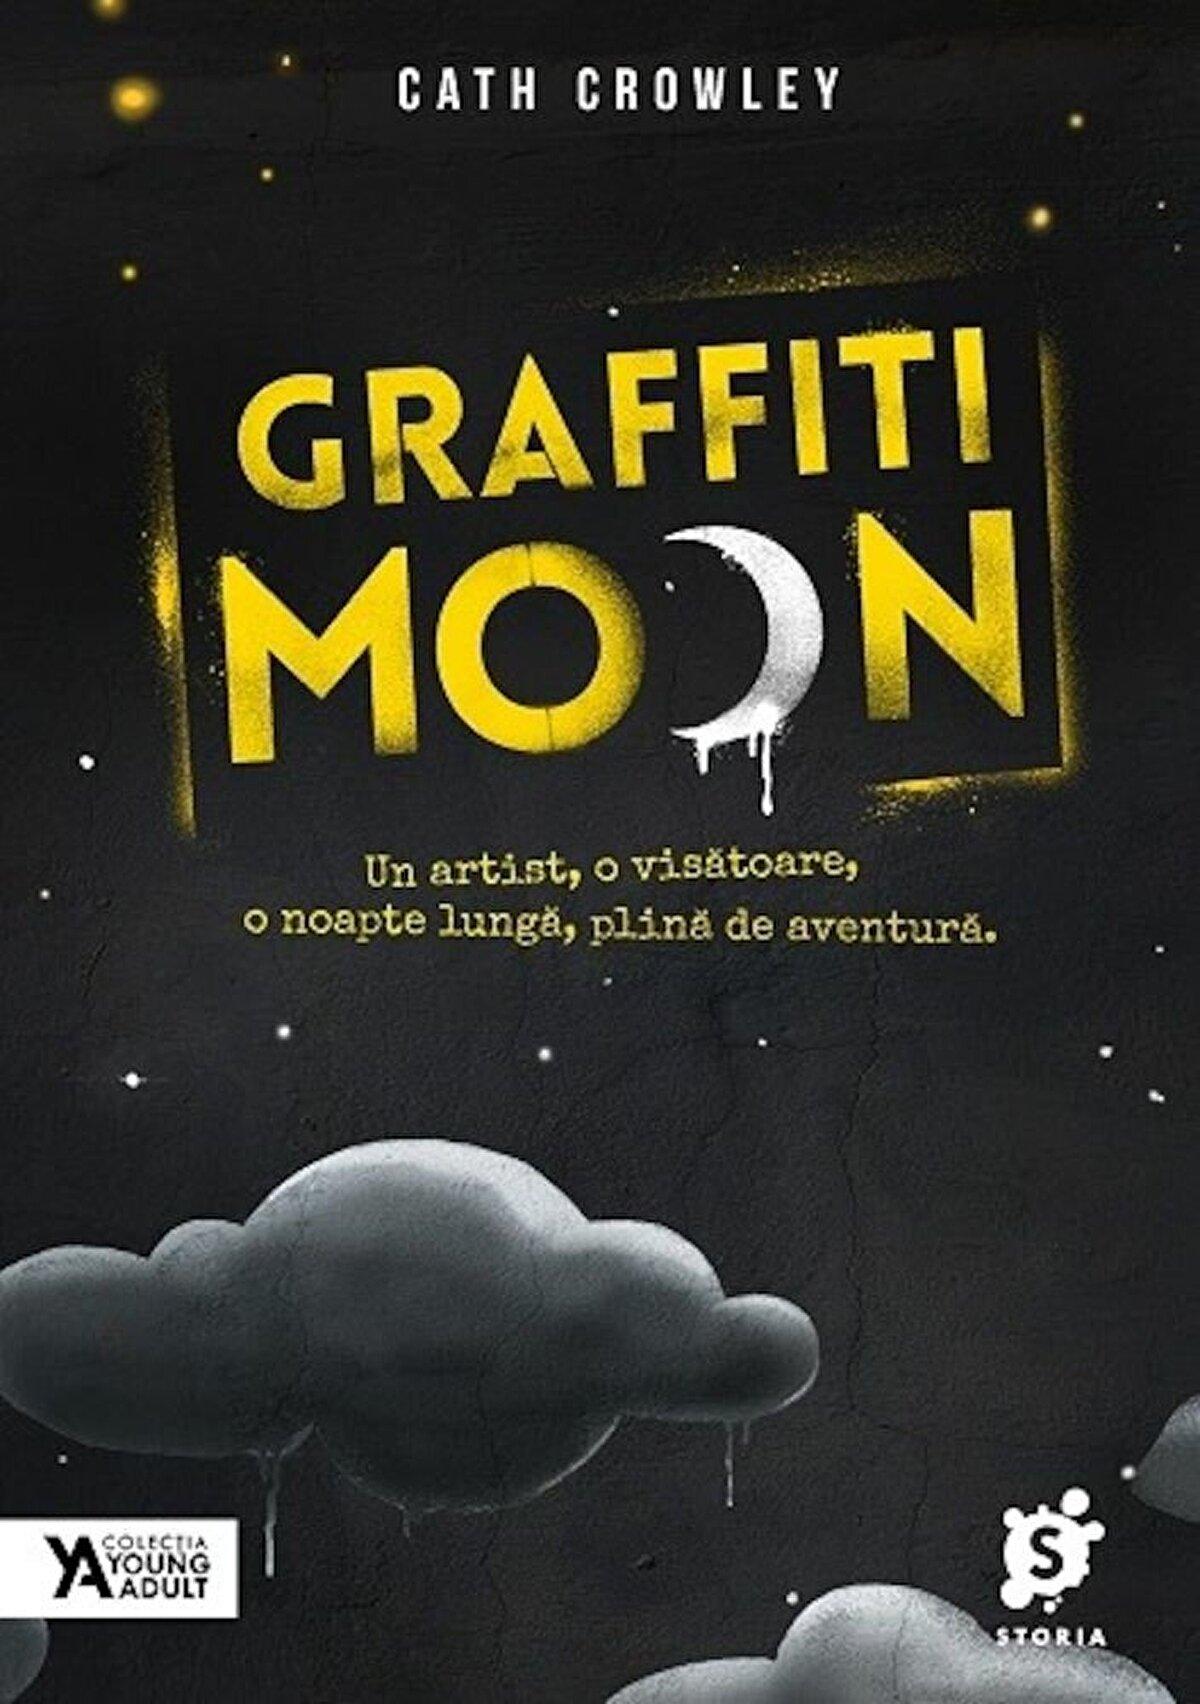 Graffiti Moon. Un artist, o visatoare, o noapte lunga si plina de aventura